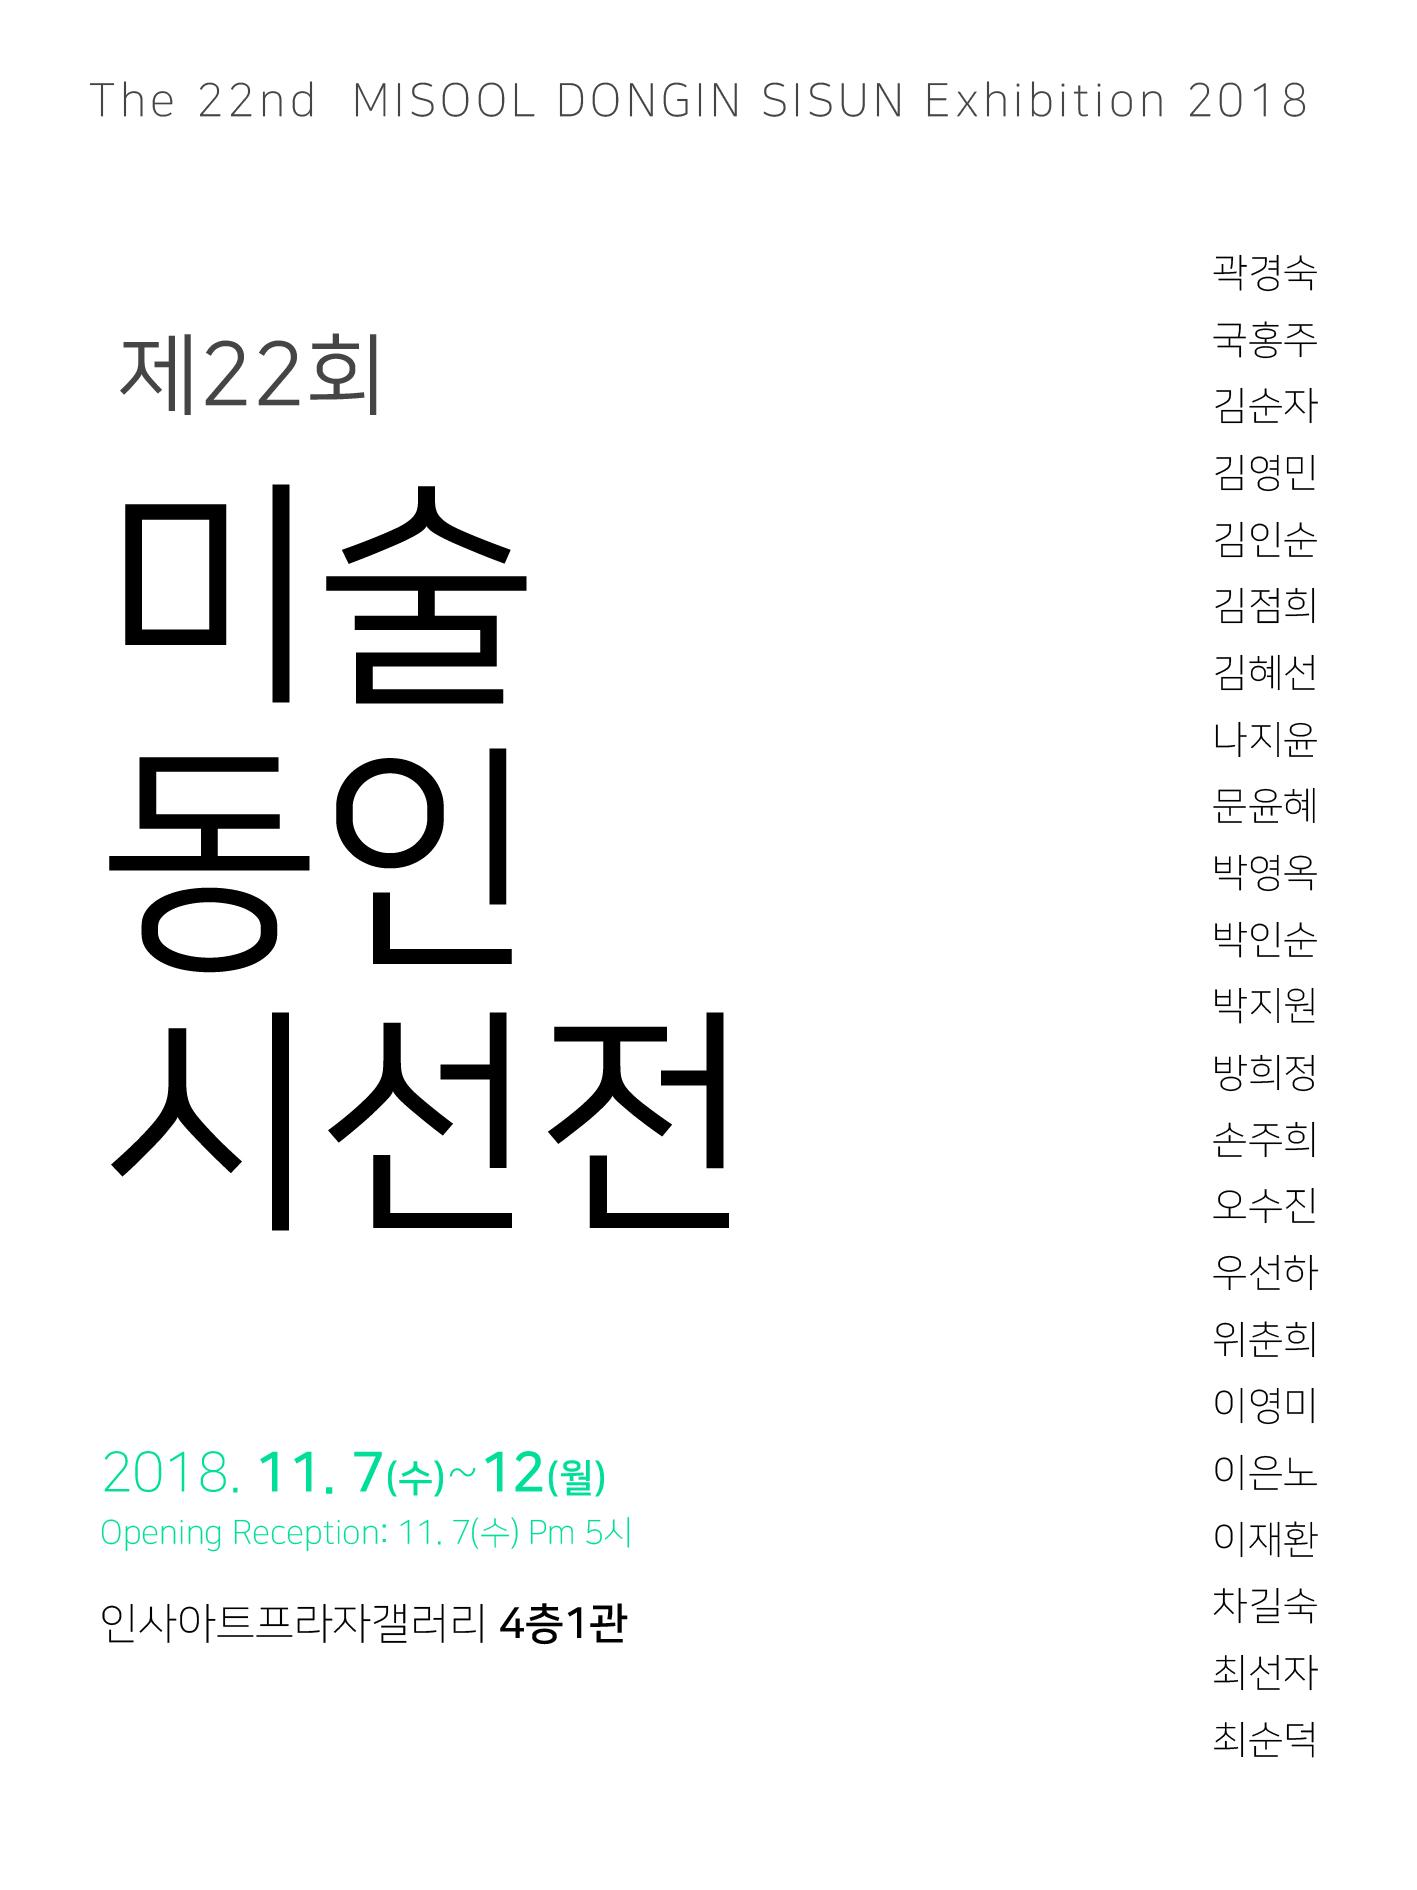 미술동인시선 현수막.jpg